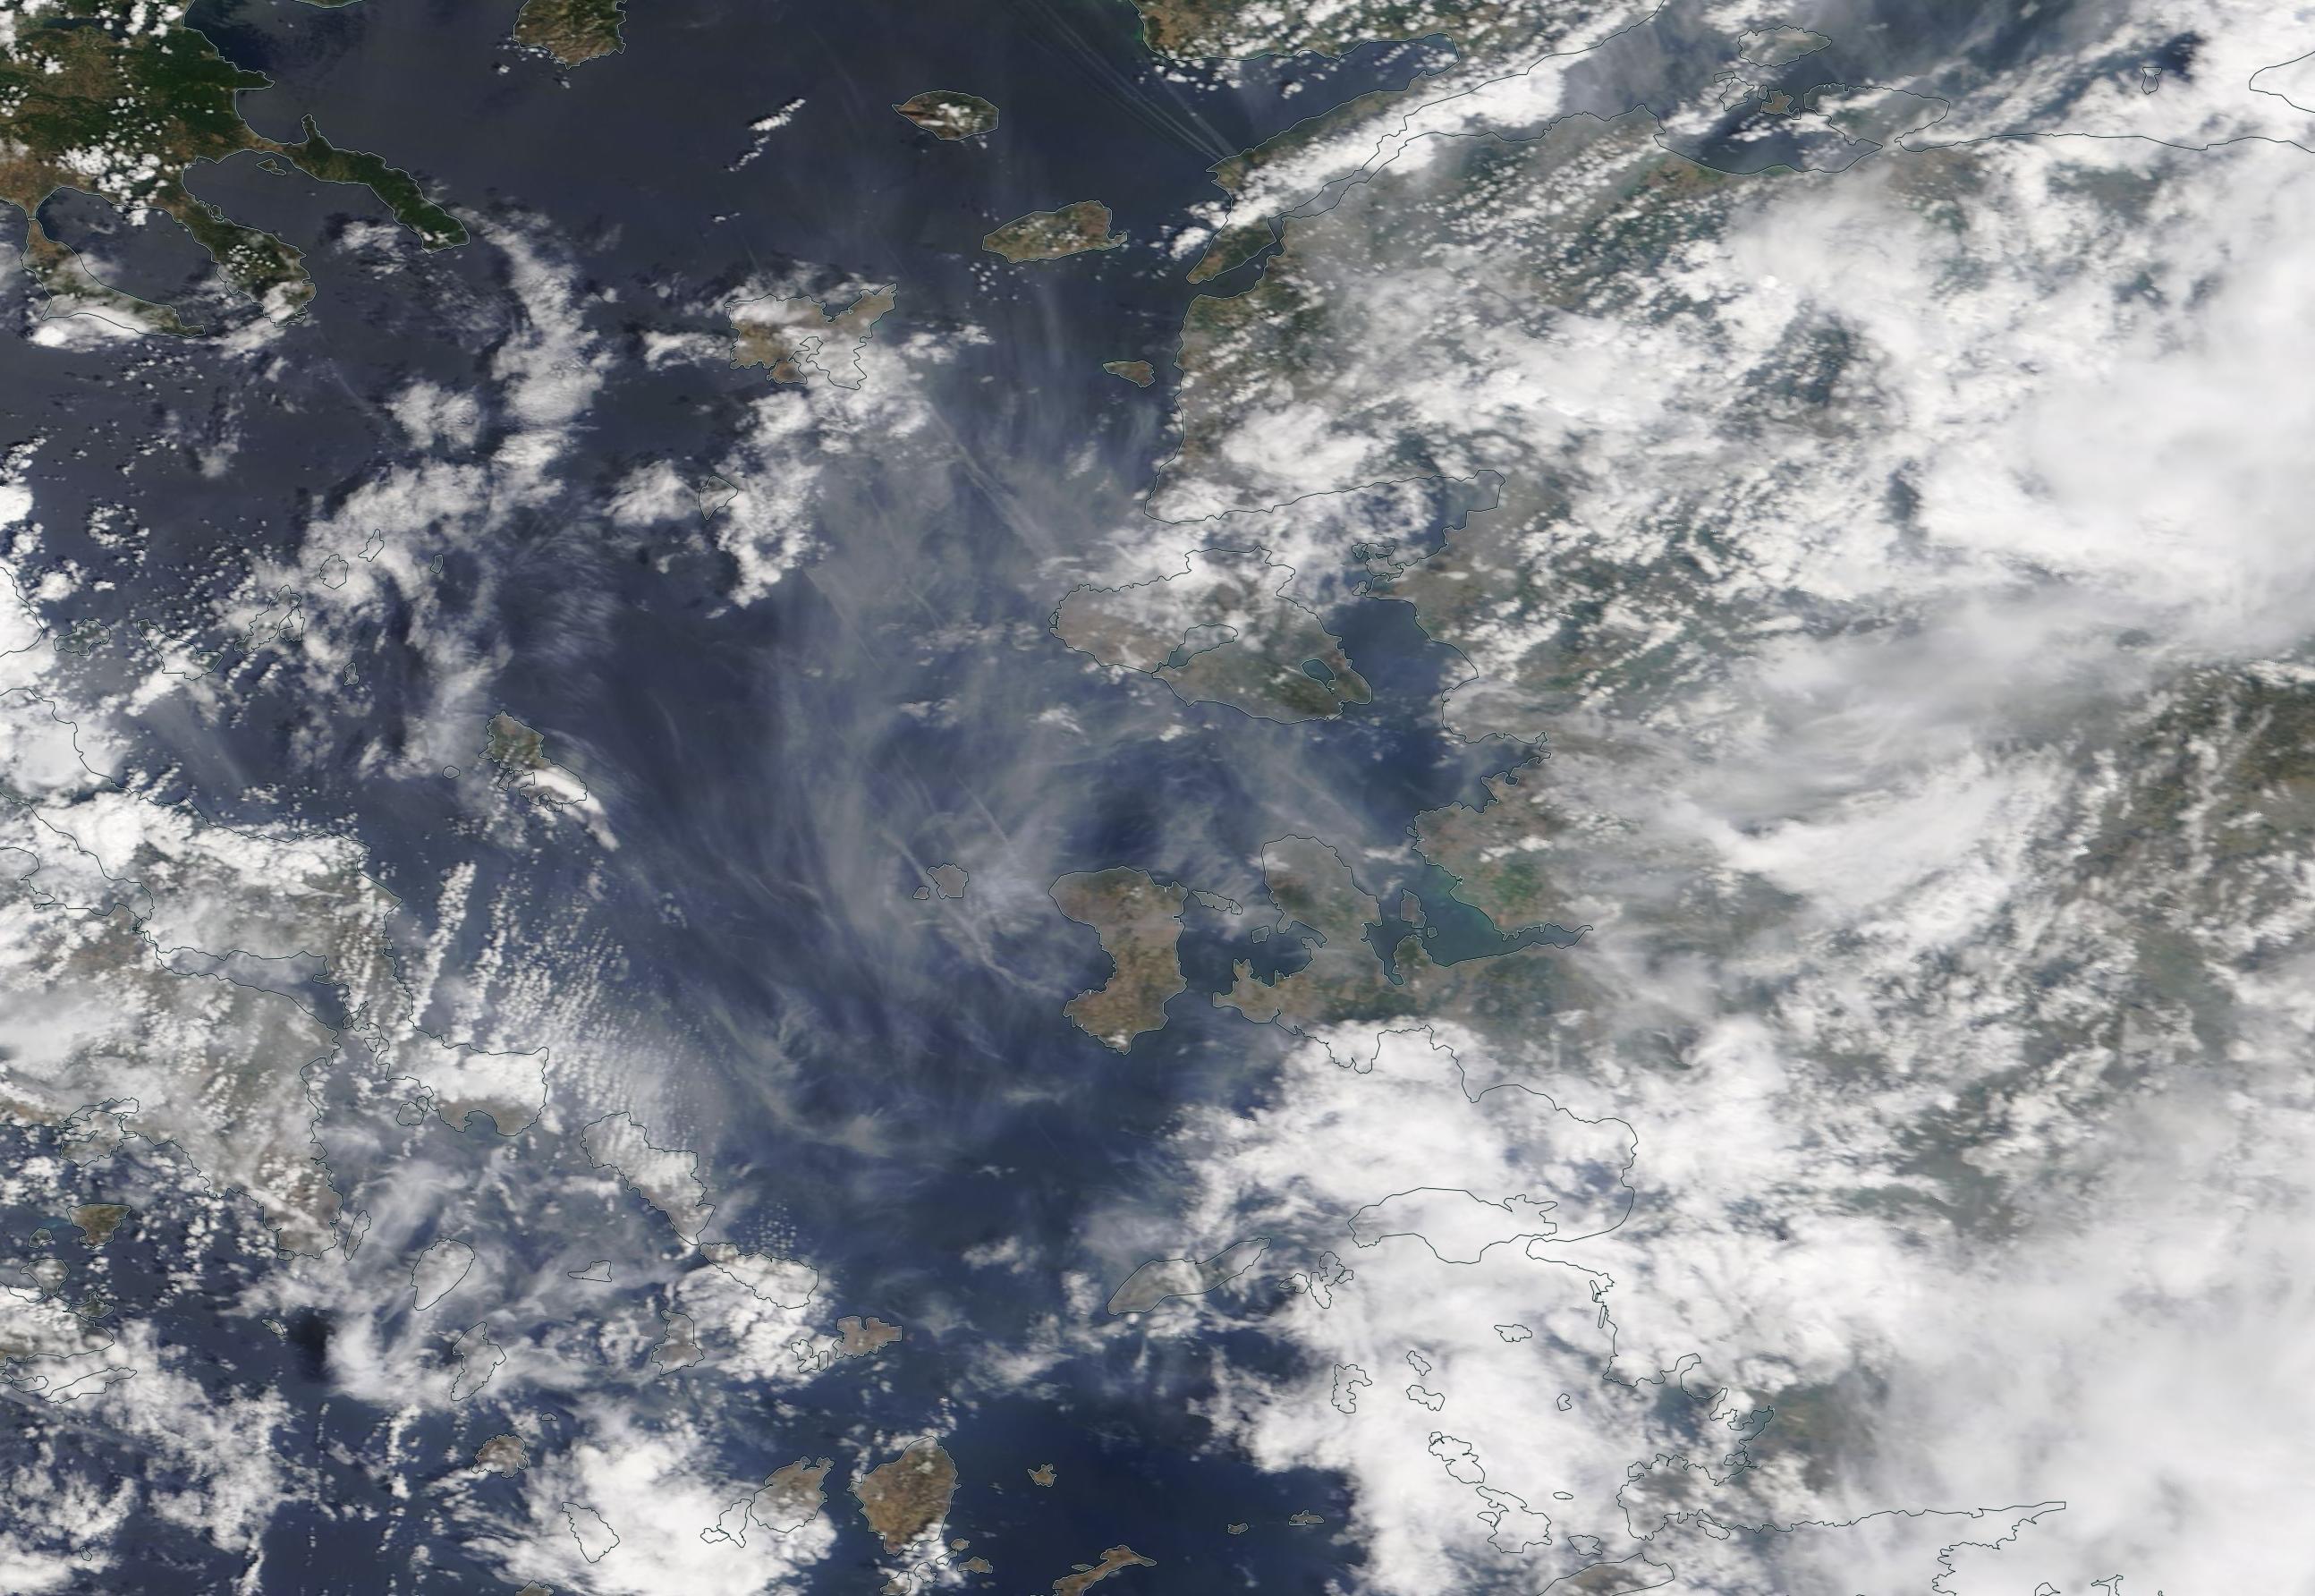 Greek Islands, Aegean chemtrails geoengineering Wednesday 17 July 2019